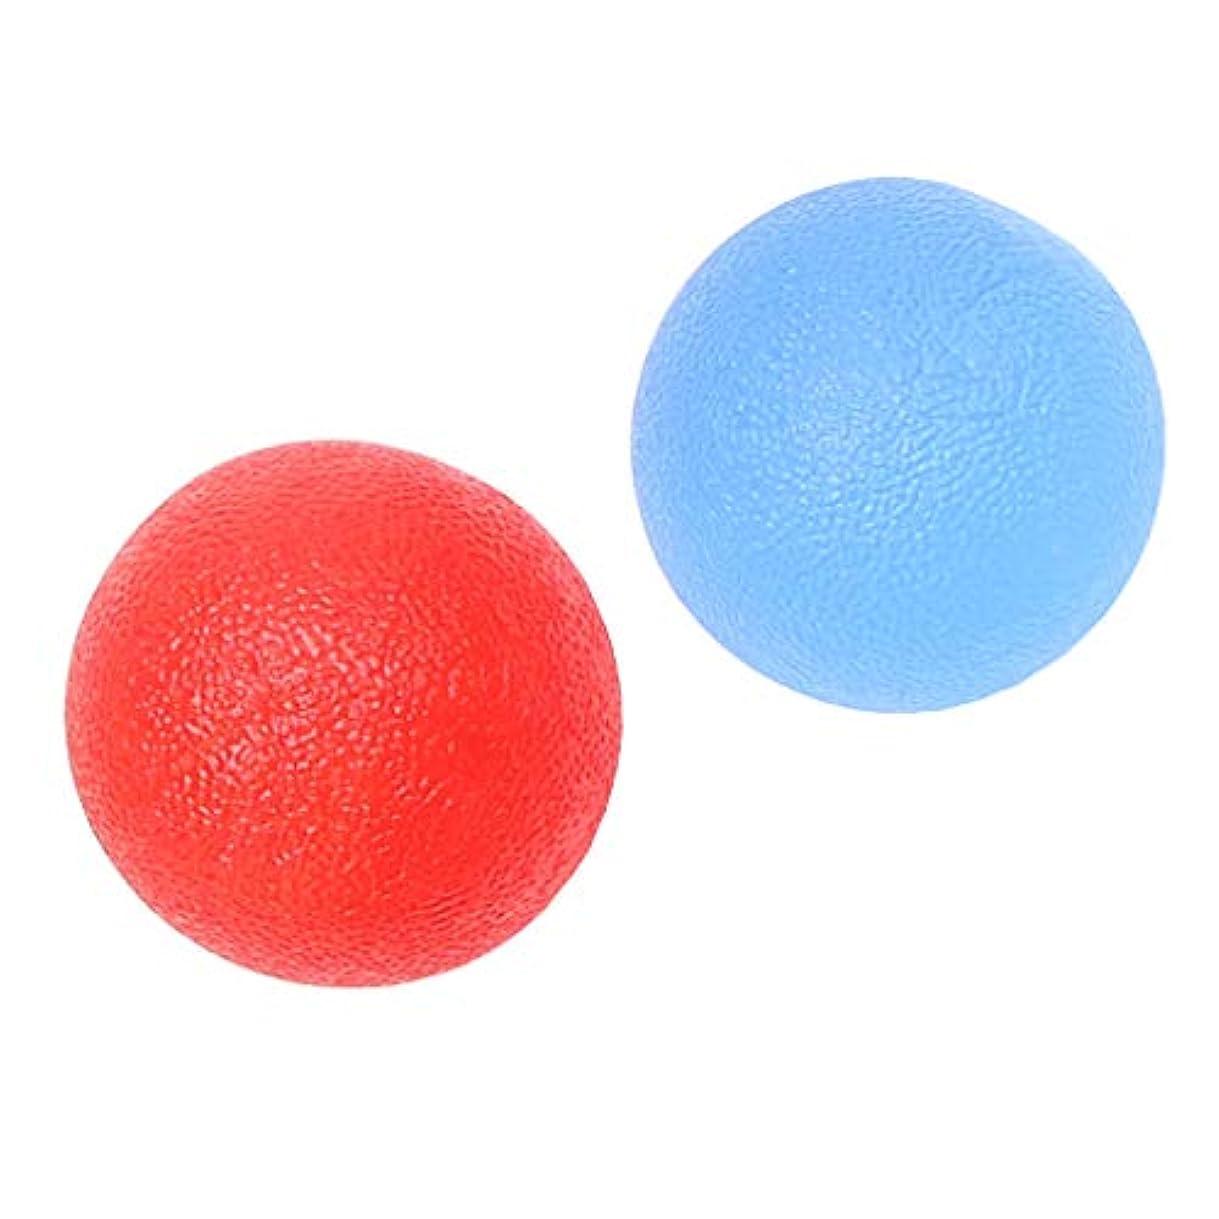 扱いやすいオセアニア非難ハンドエクササイズボール ハンドグリップ シリコン 指トレーニング ストレス緩和 贈り物 2個入